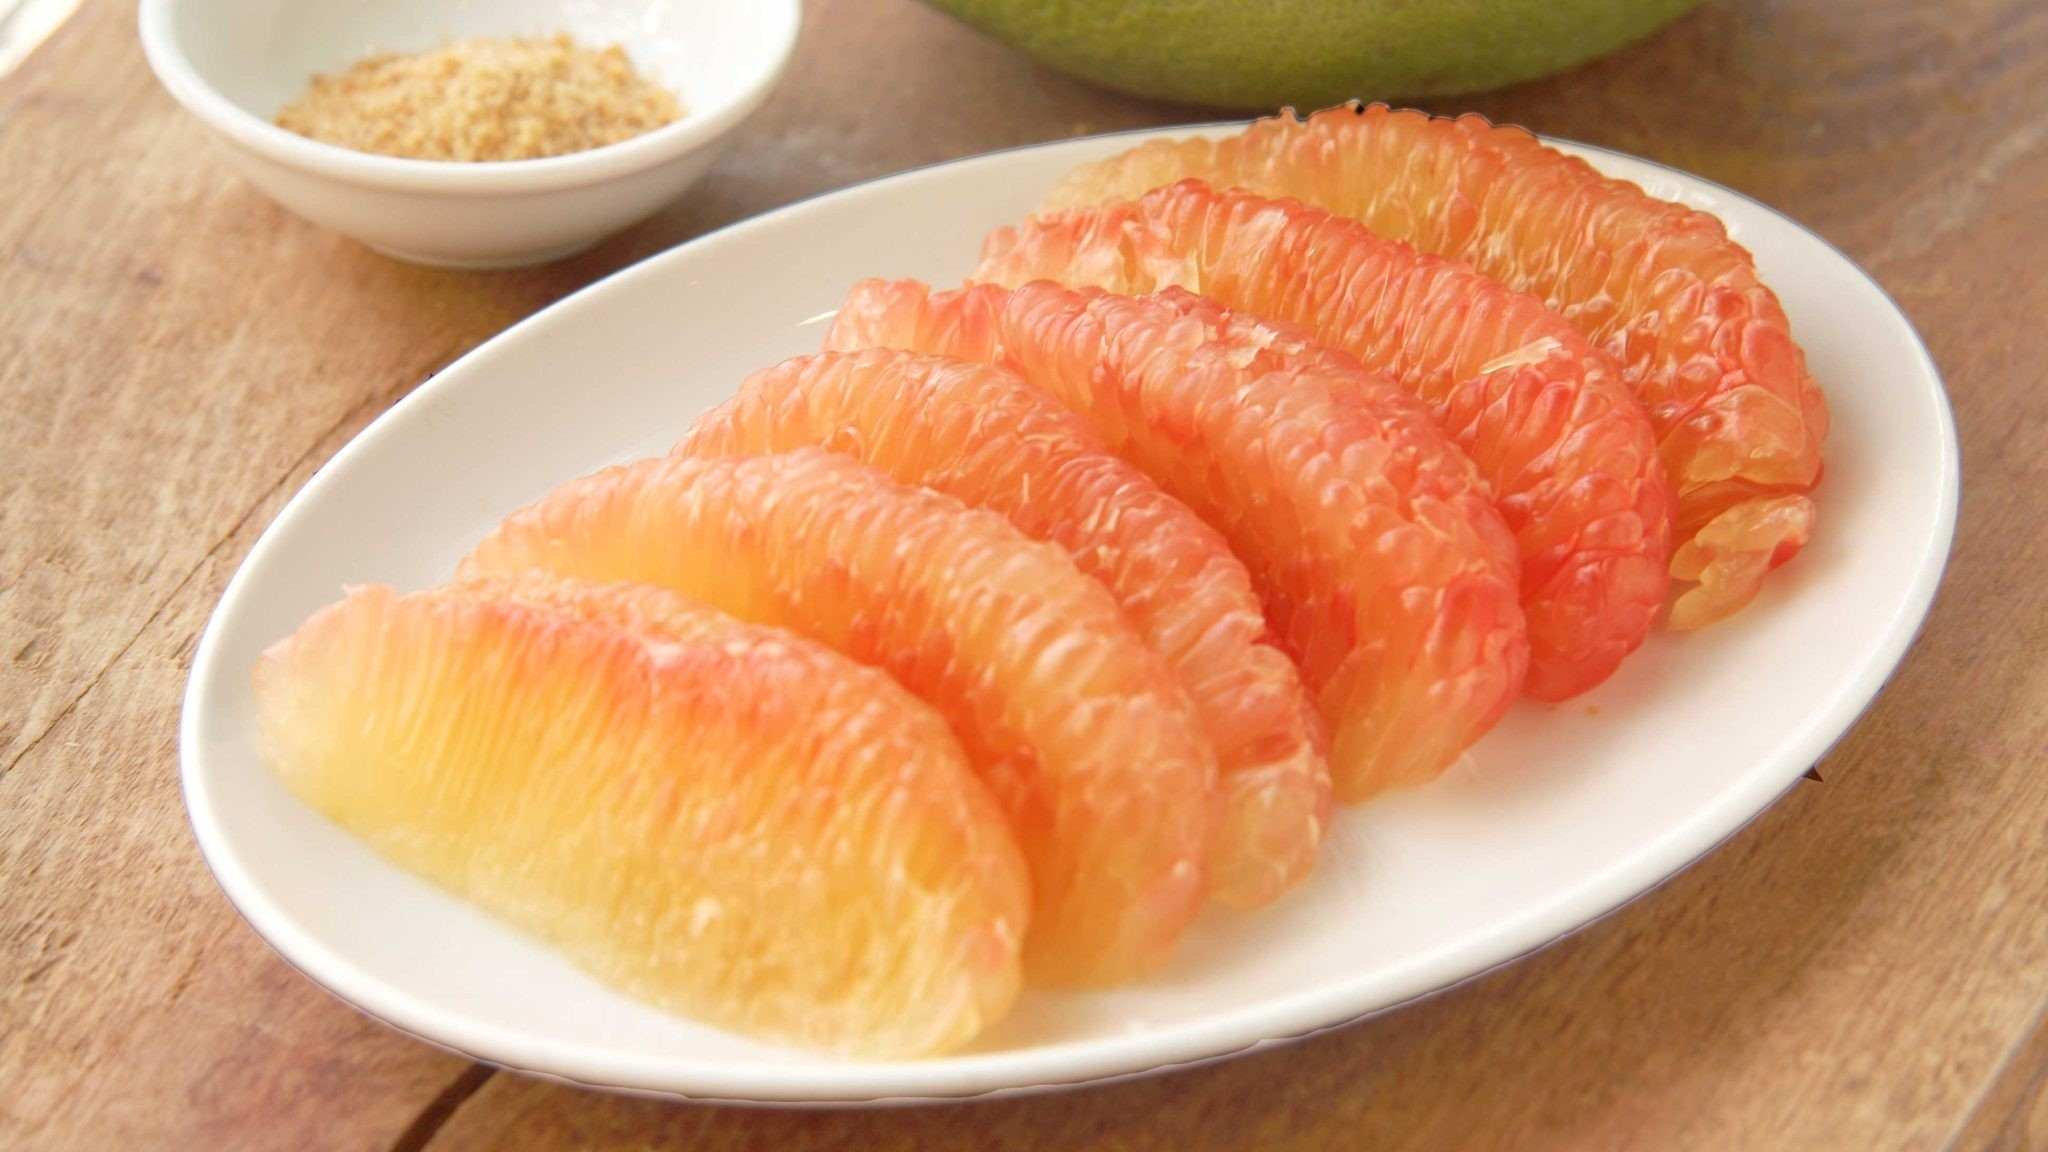 Bưởi là loại trái cây phổ biến với nhiều công dụng tuyệt vời